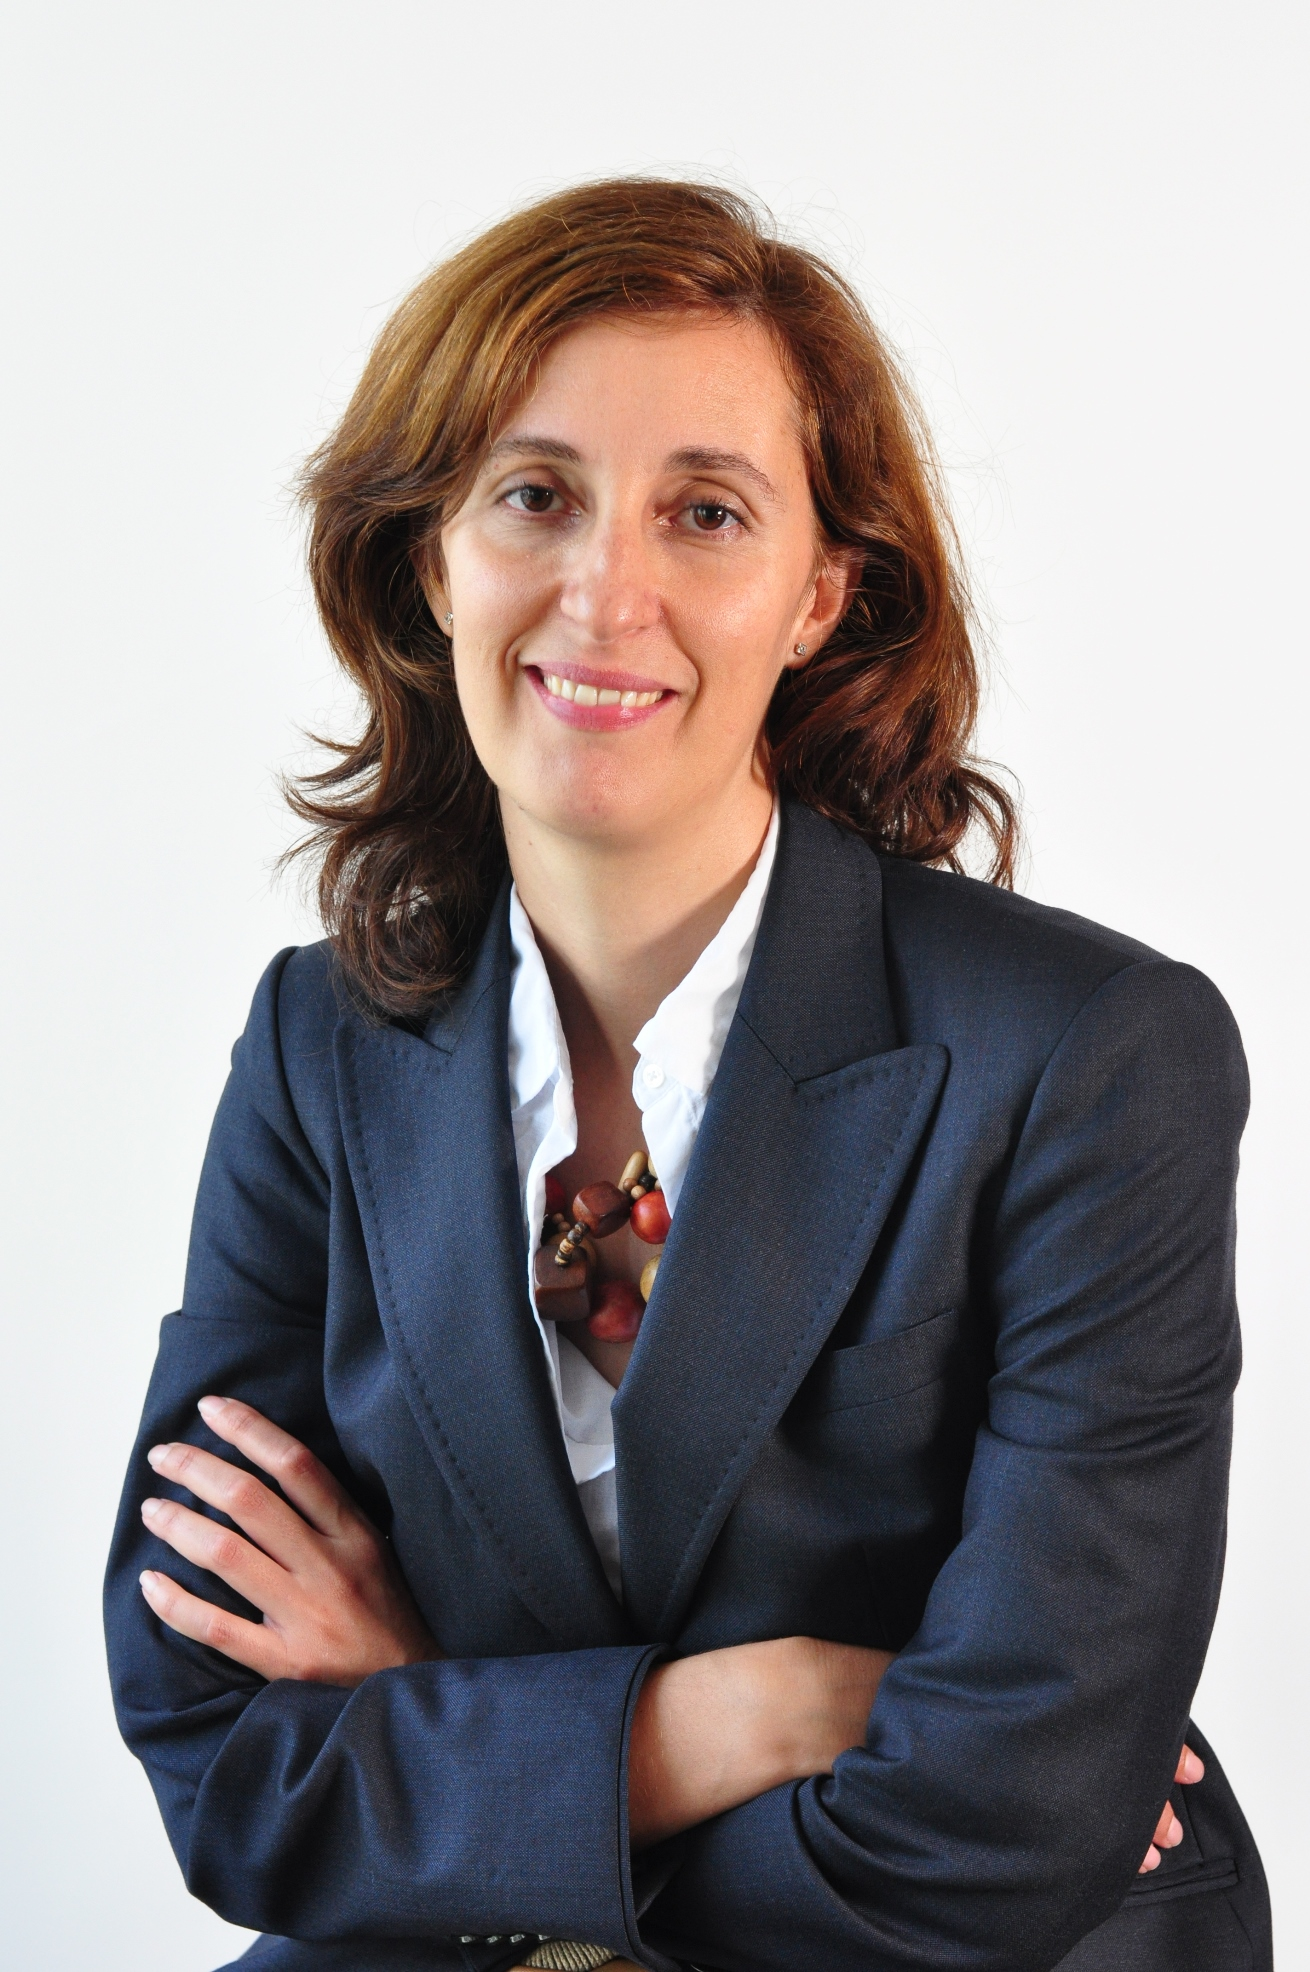 Cristina  Adell Fernandez-Tresguerres